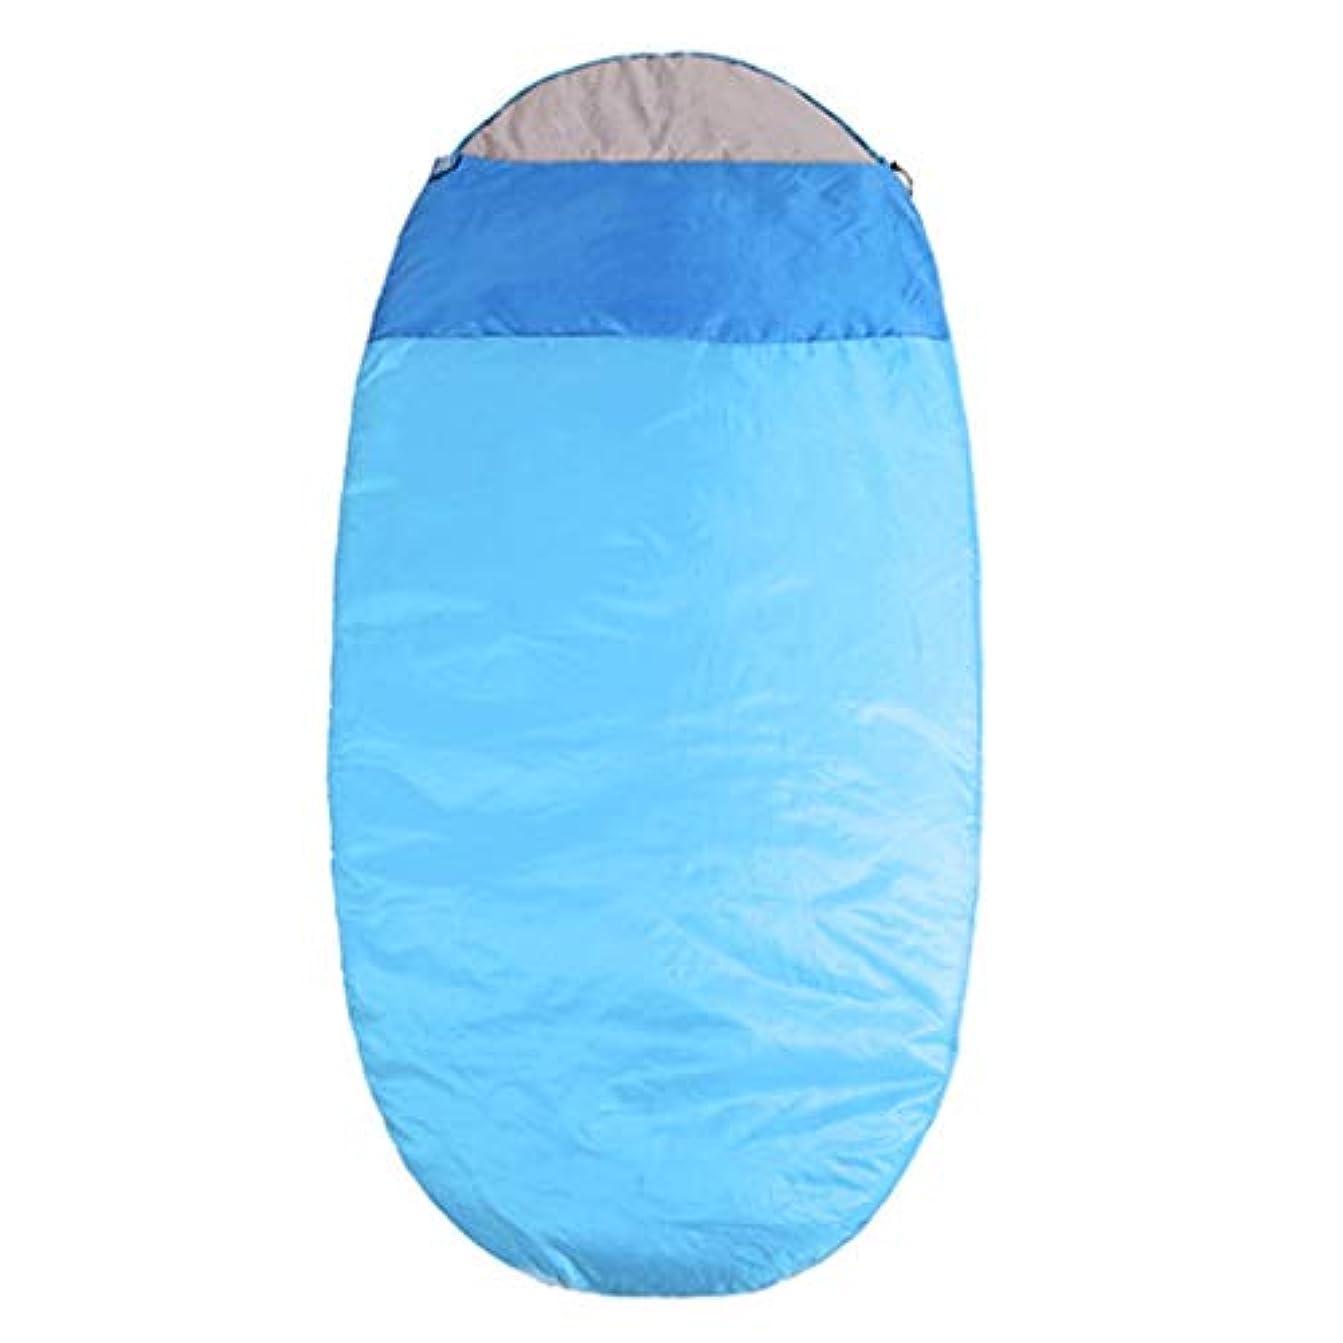 ピンチ温度計落とし穴屋外の寝袋キャンプ寝袋シングル寝袋ポータブル厚い暖かいポータブル GBYGDQ (Color : C, Size : 230×100cm)